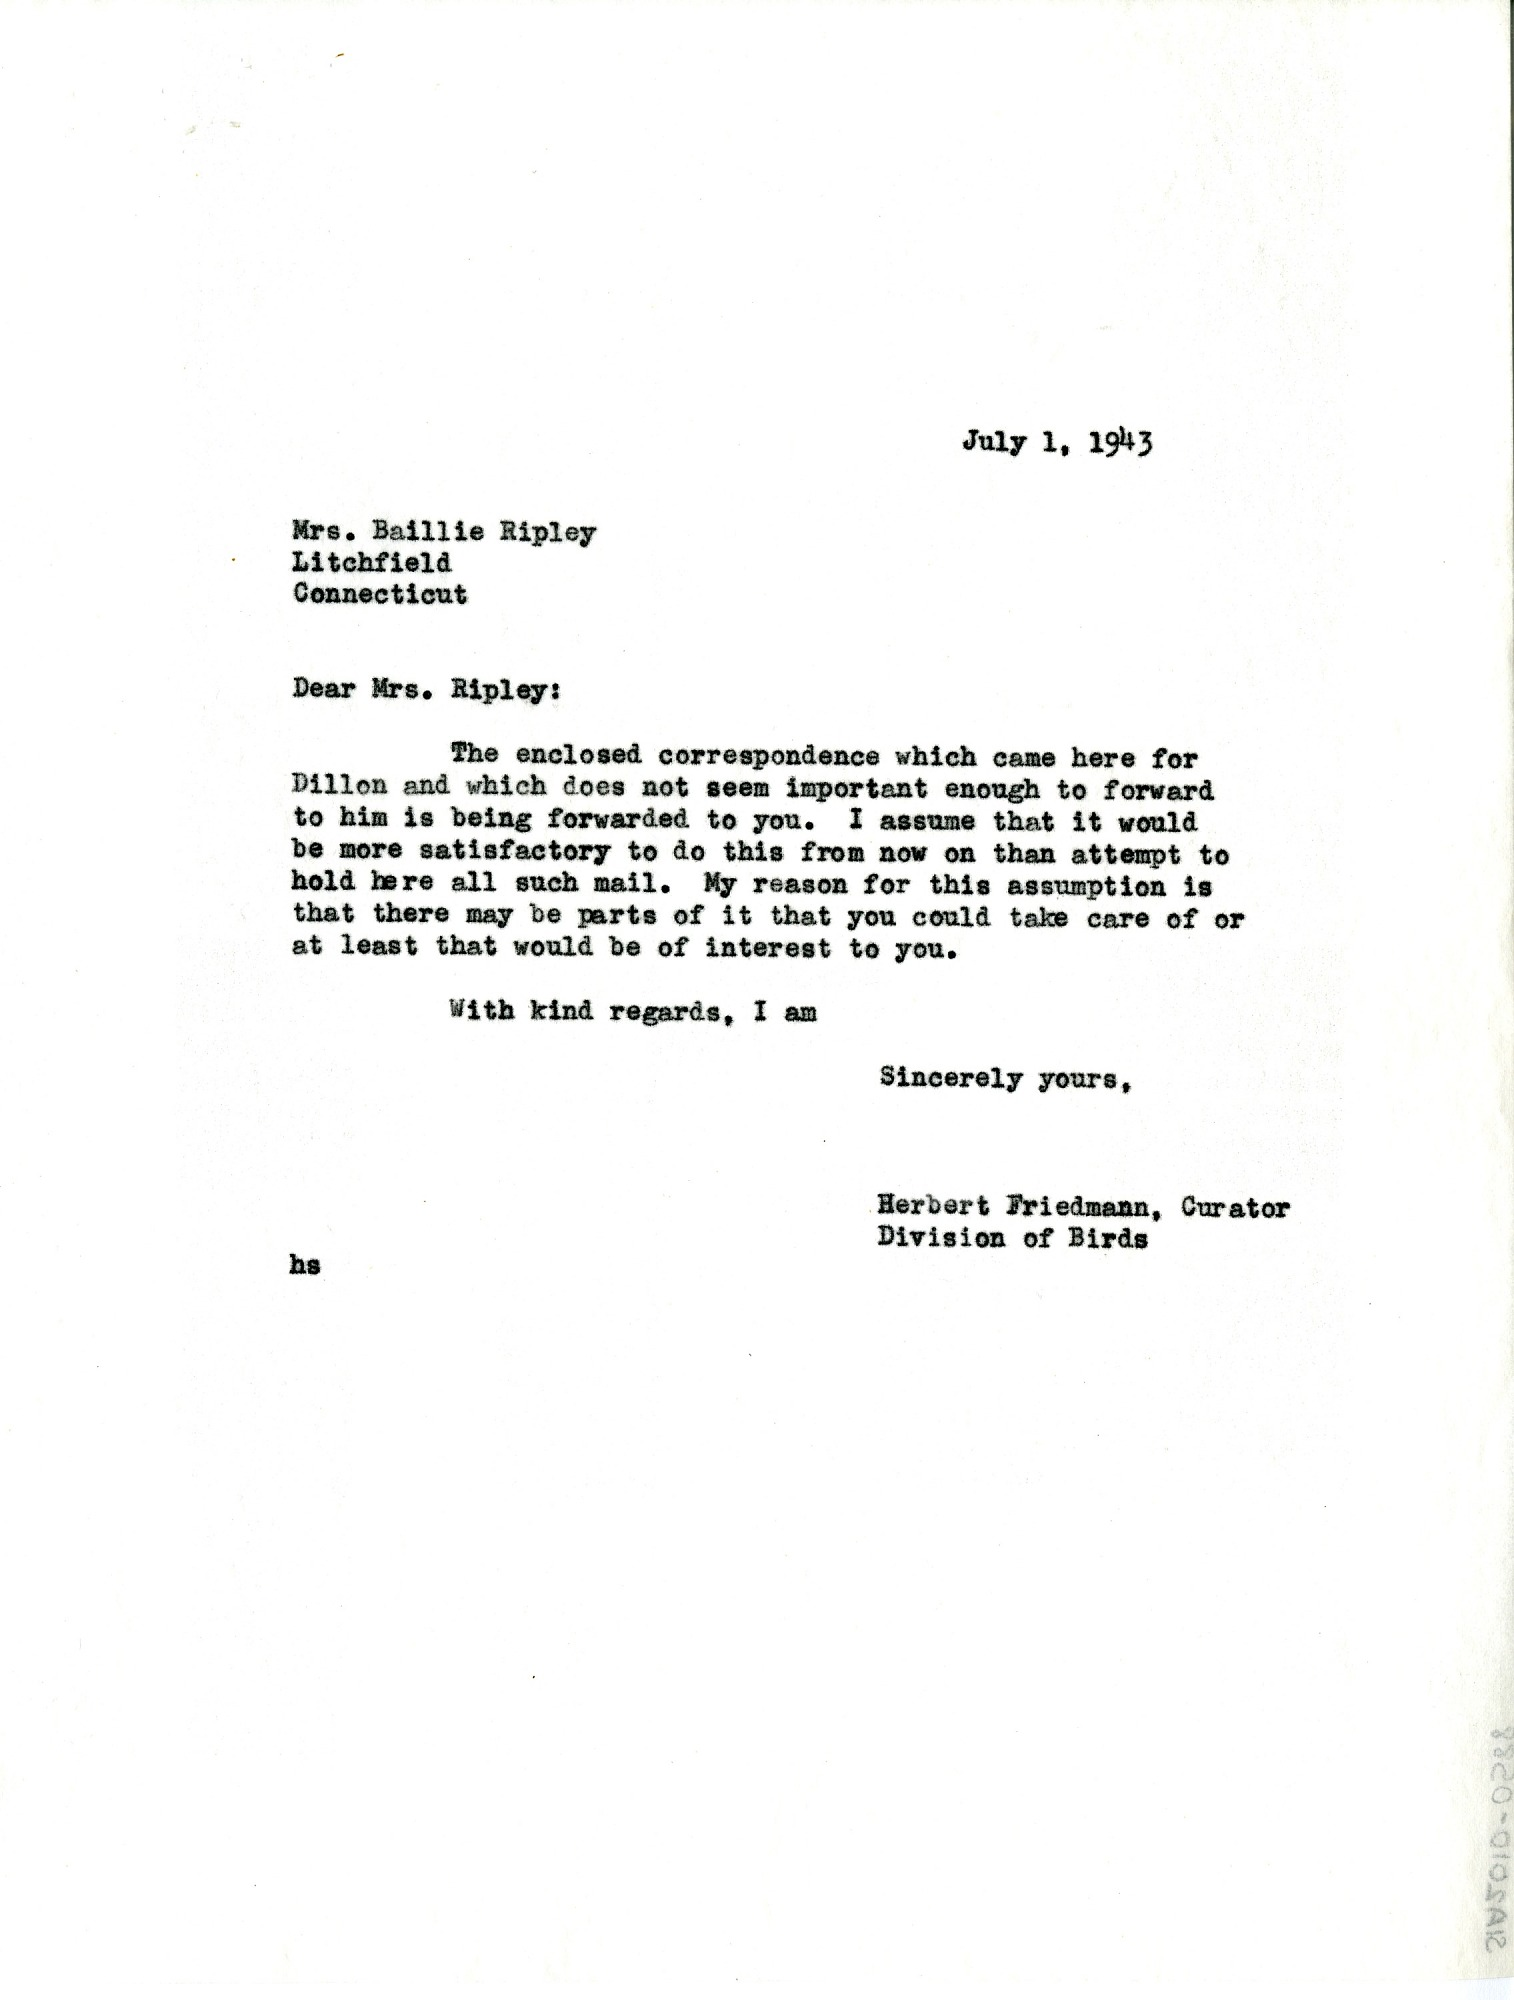 Letter from Herbert Friedmann to Mrs. Baillie Ripley